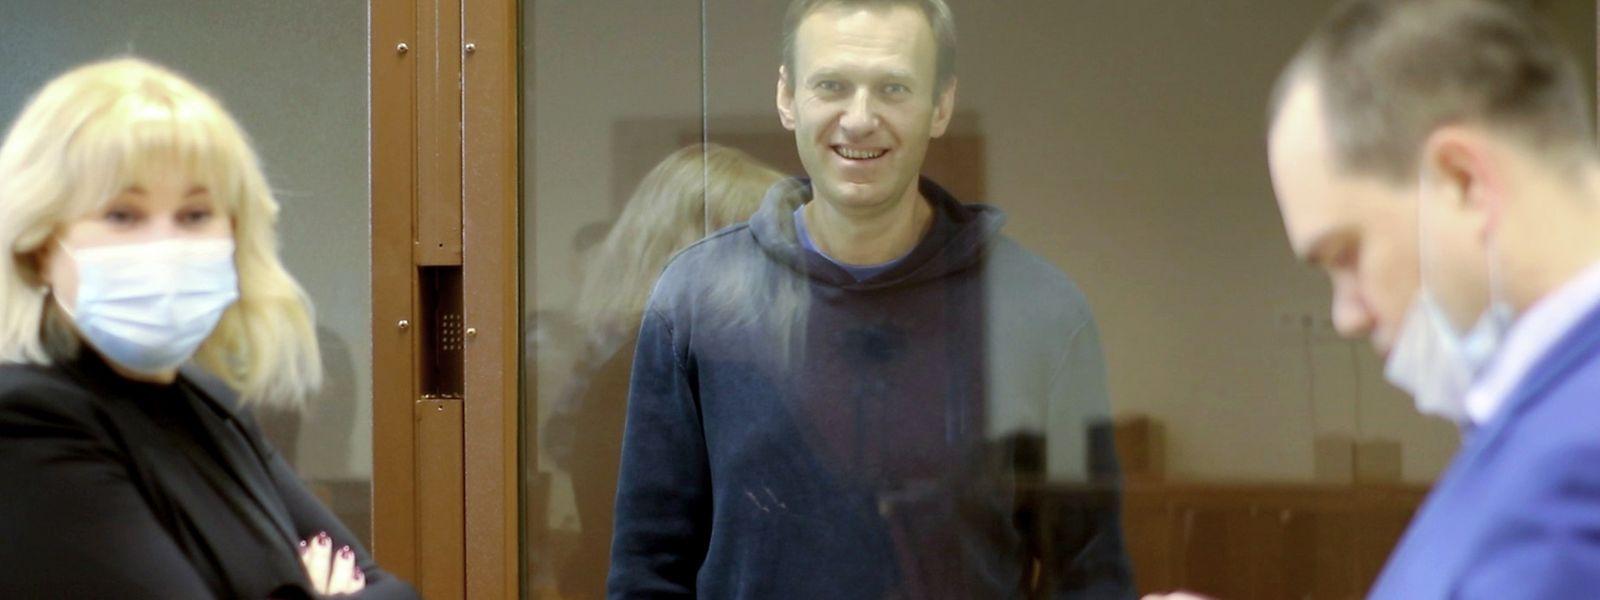 Der russische Oppositionsaktivist Alexej Nawalny (M) muss wegen Beleidigung eine hohe Geldstrafe bezahlen.